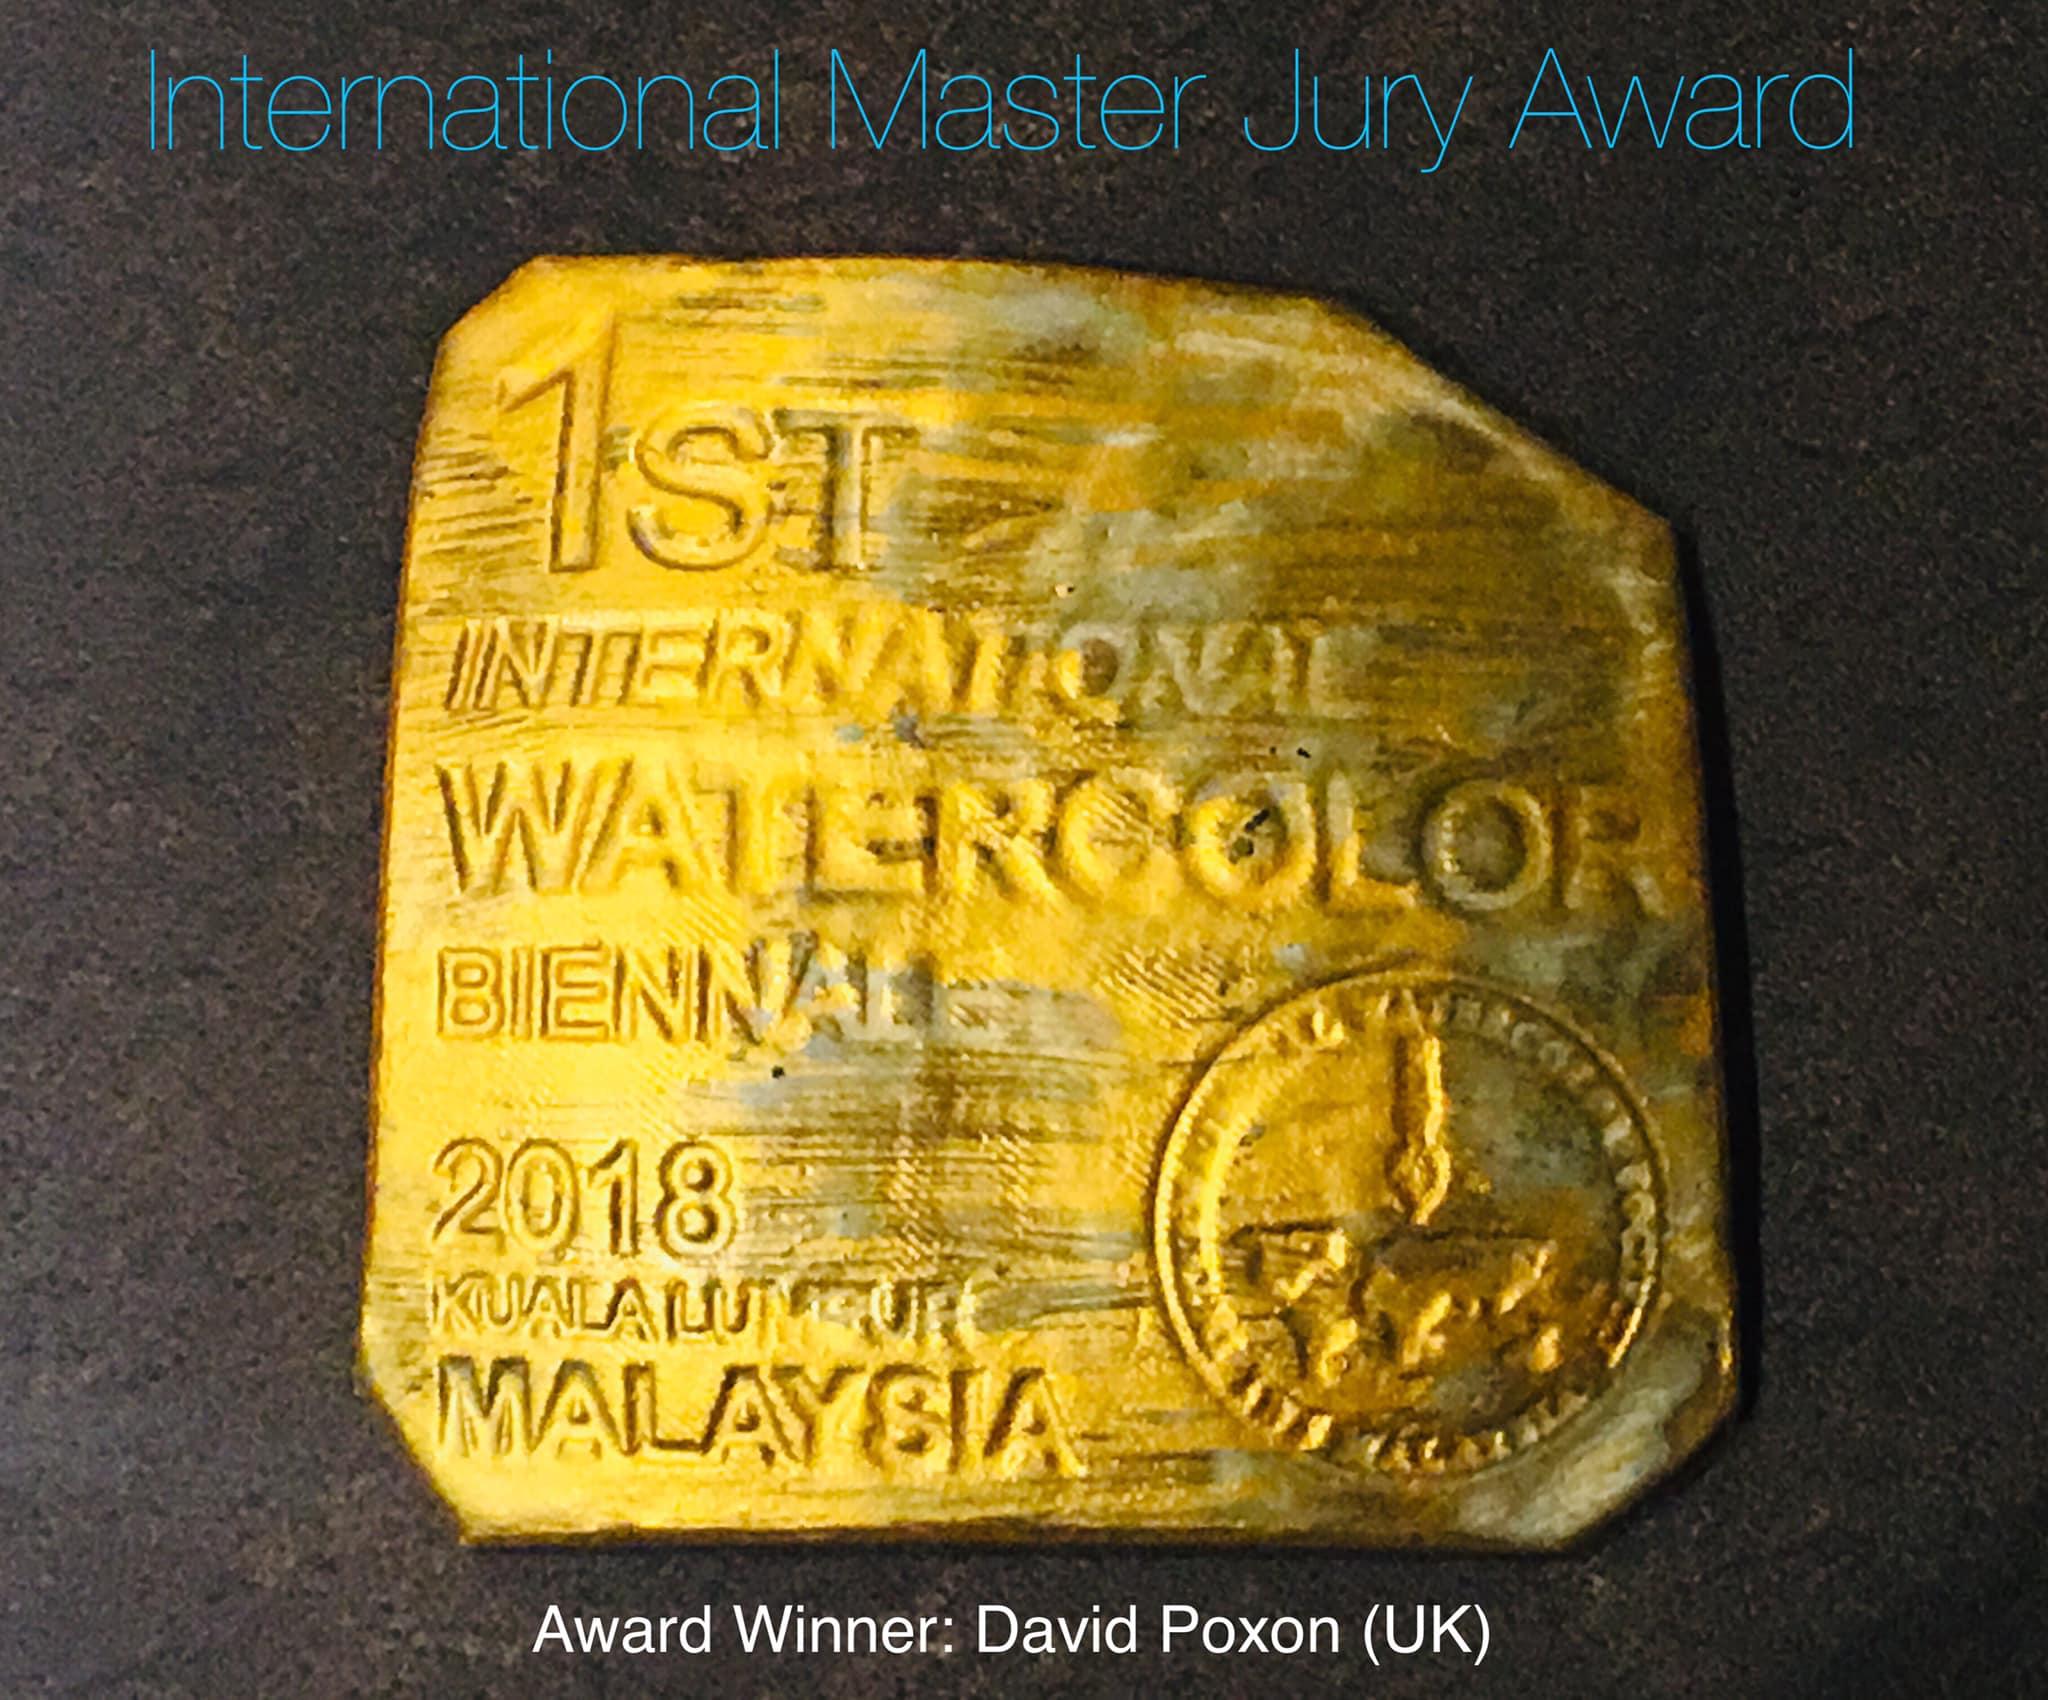 1st International Watercolour Award, Malaysia